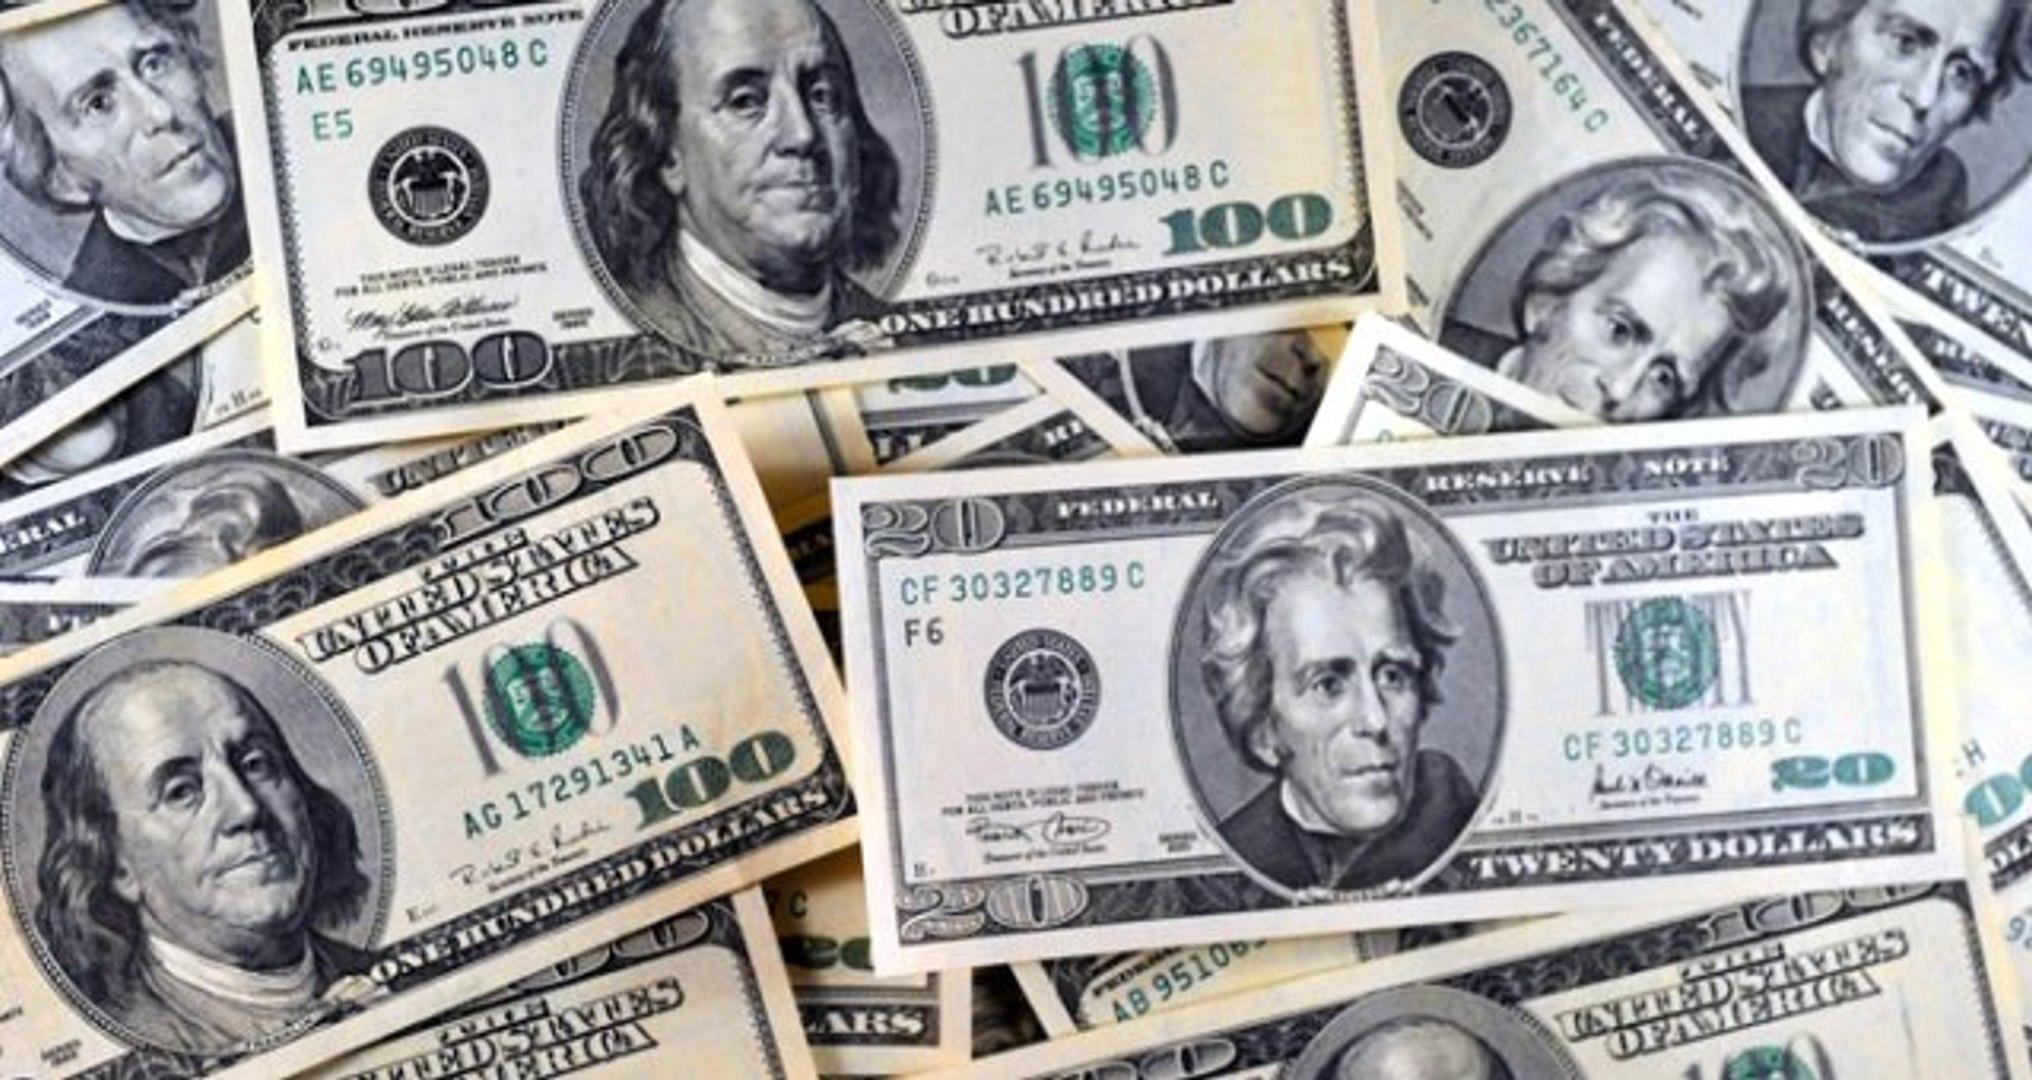 Son Dakika! Merkez Bankası Yıl Sonu Dolar ve Enflasyon Beklentisini Açıkladı